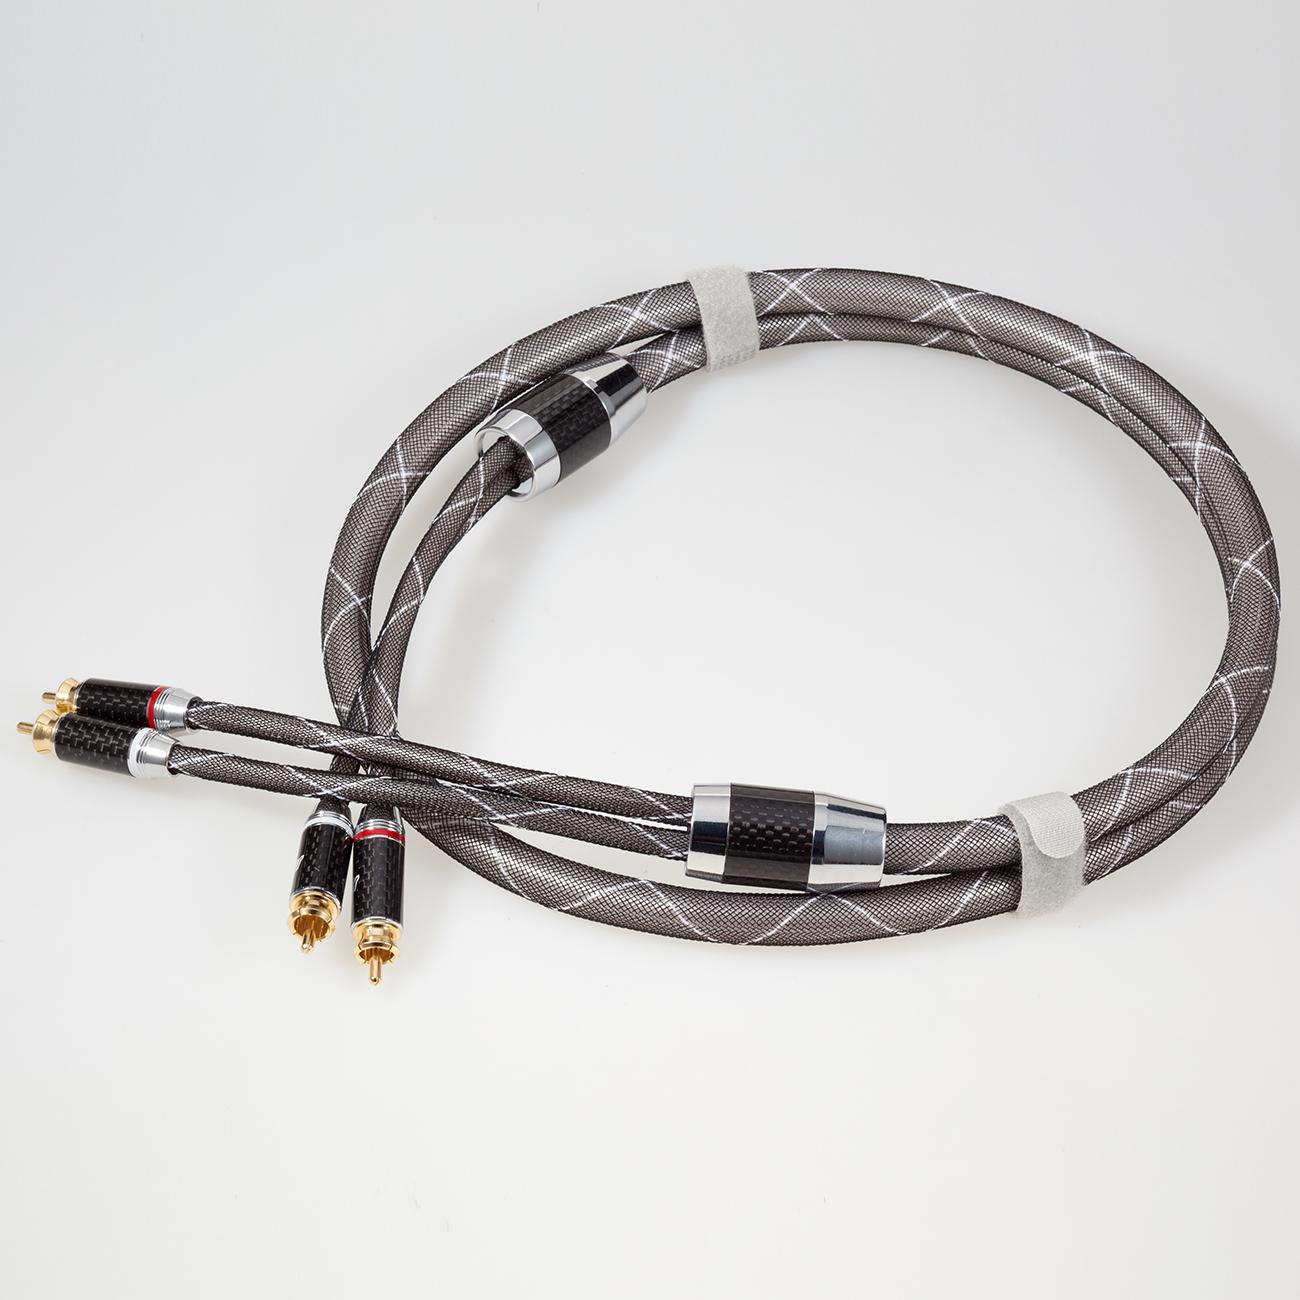 德國蟒蛇JIB HF-002 2對2蓮花RCA音頻線信號線CD轉盤功放膽機線